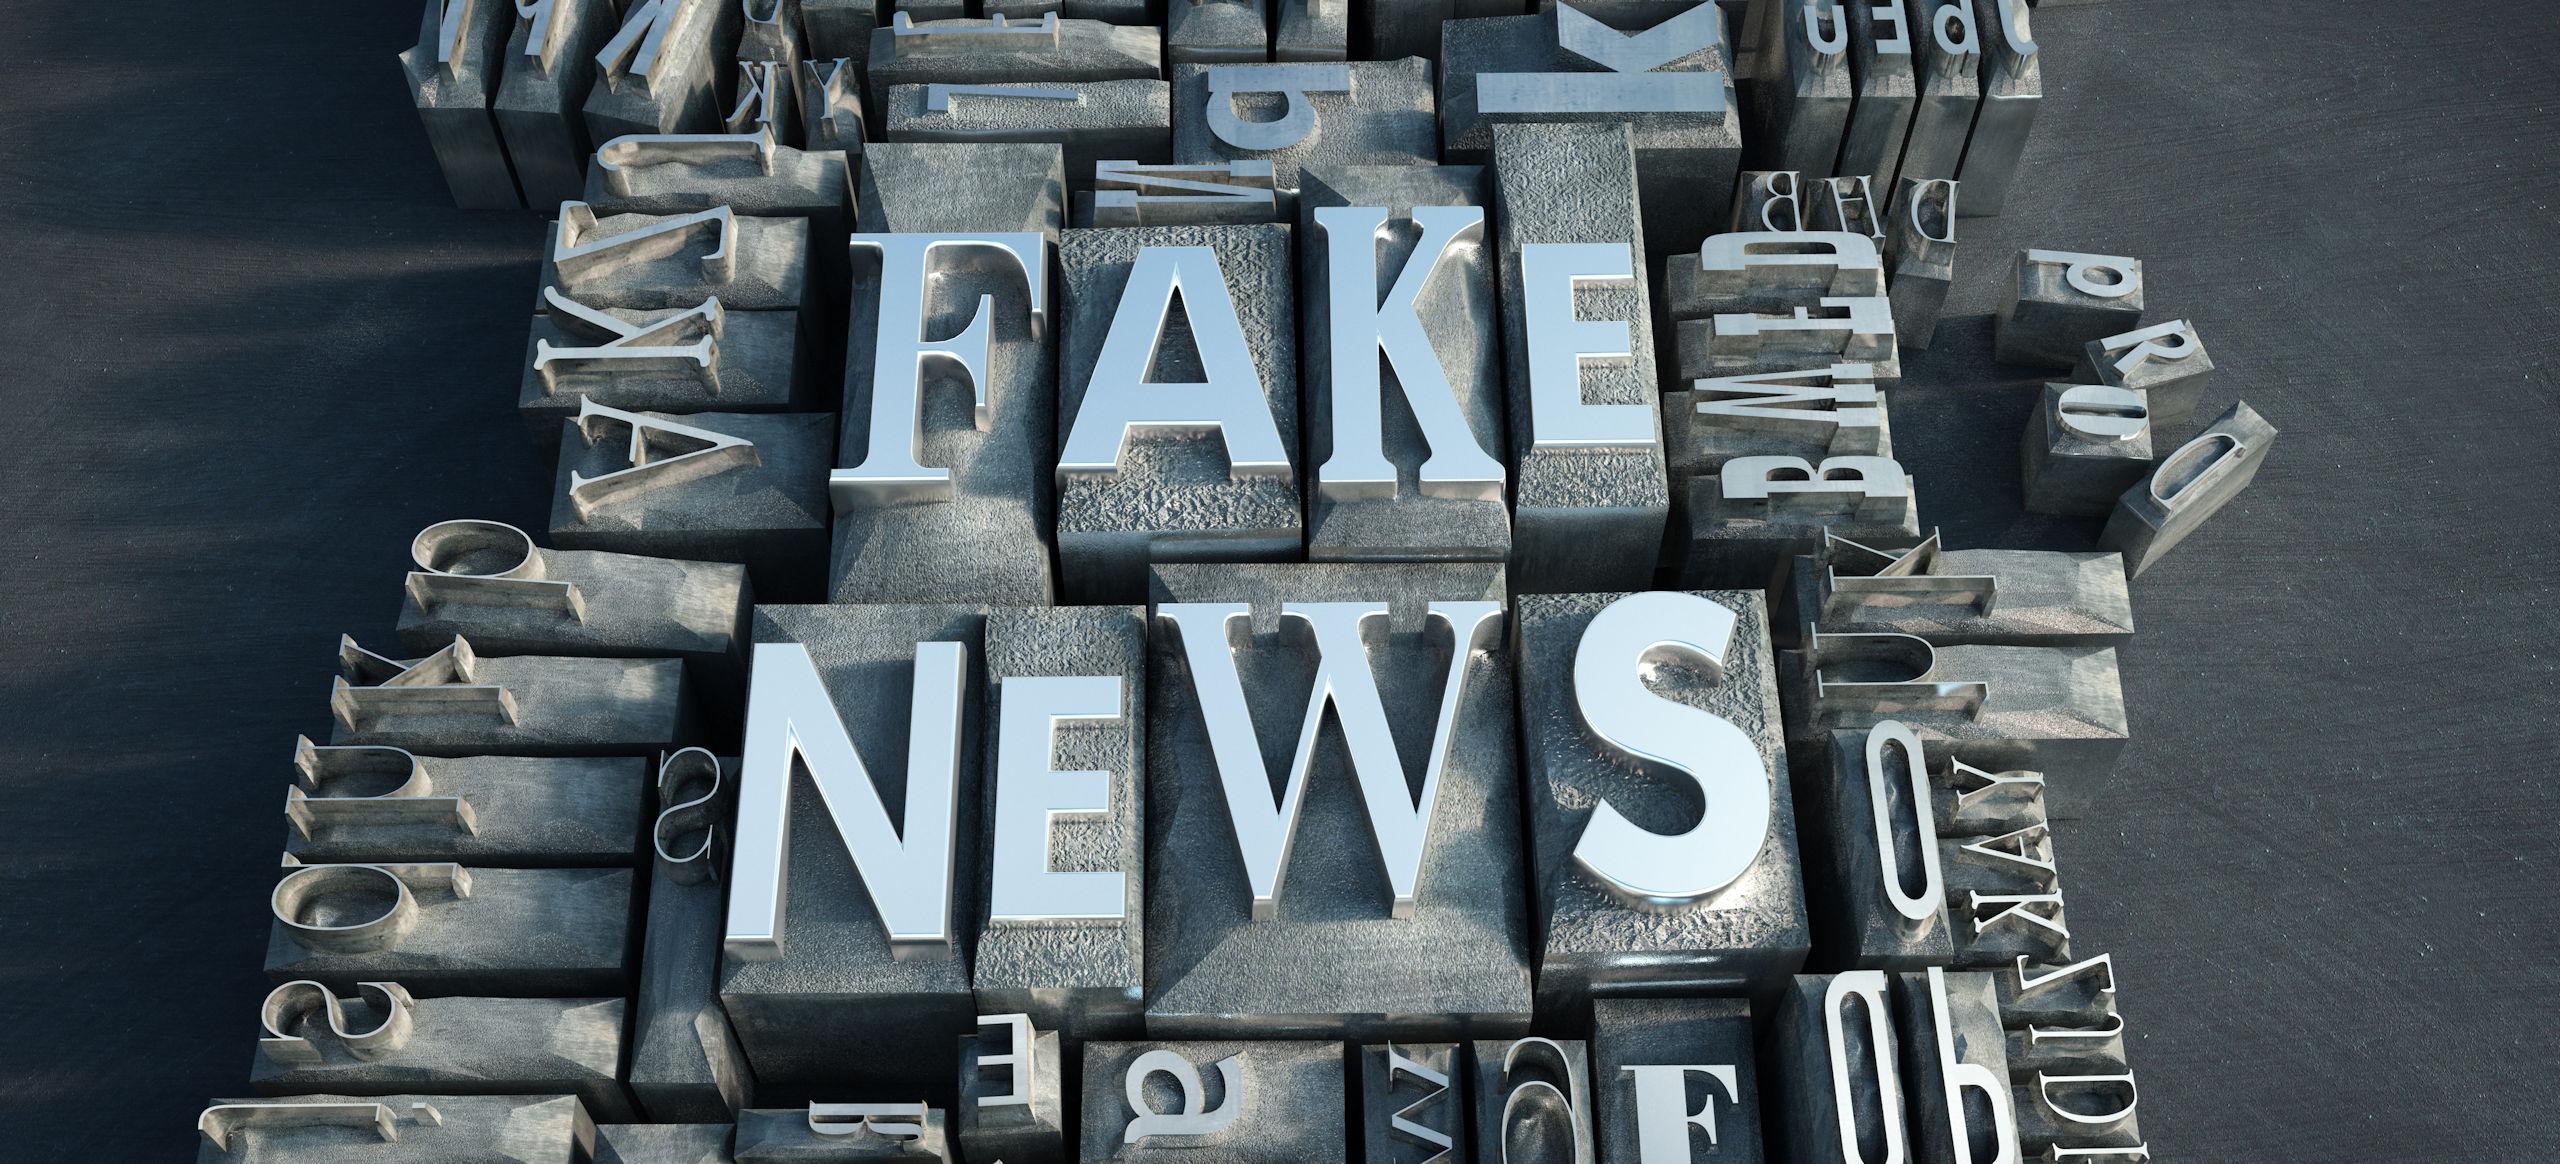 Kto wierzy w fake newsy? Badacze chcą zwalczać szkodliwe informacje jak epidemie